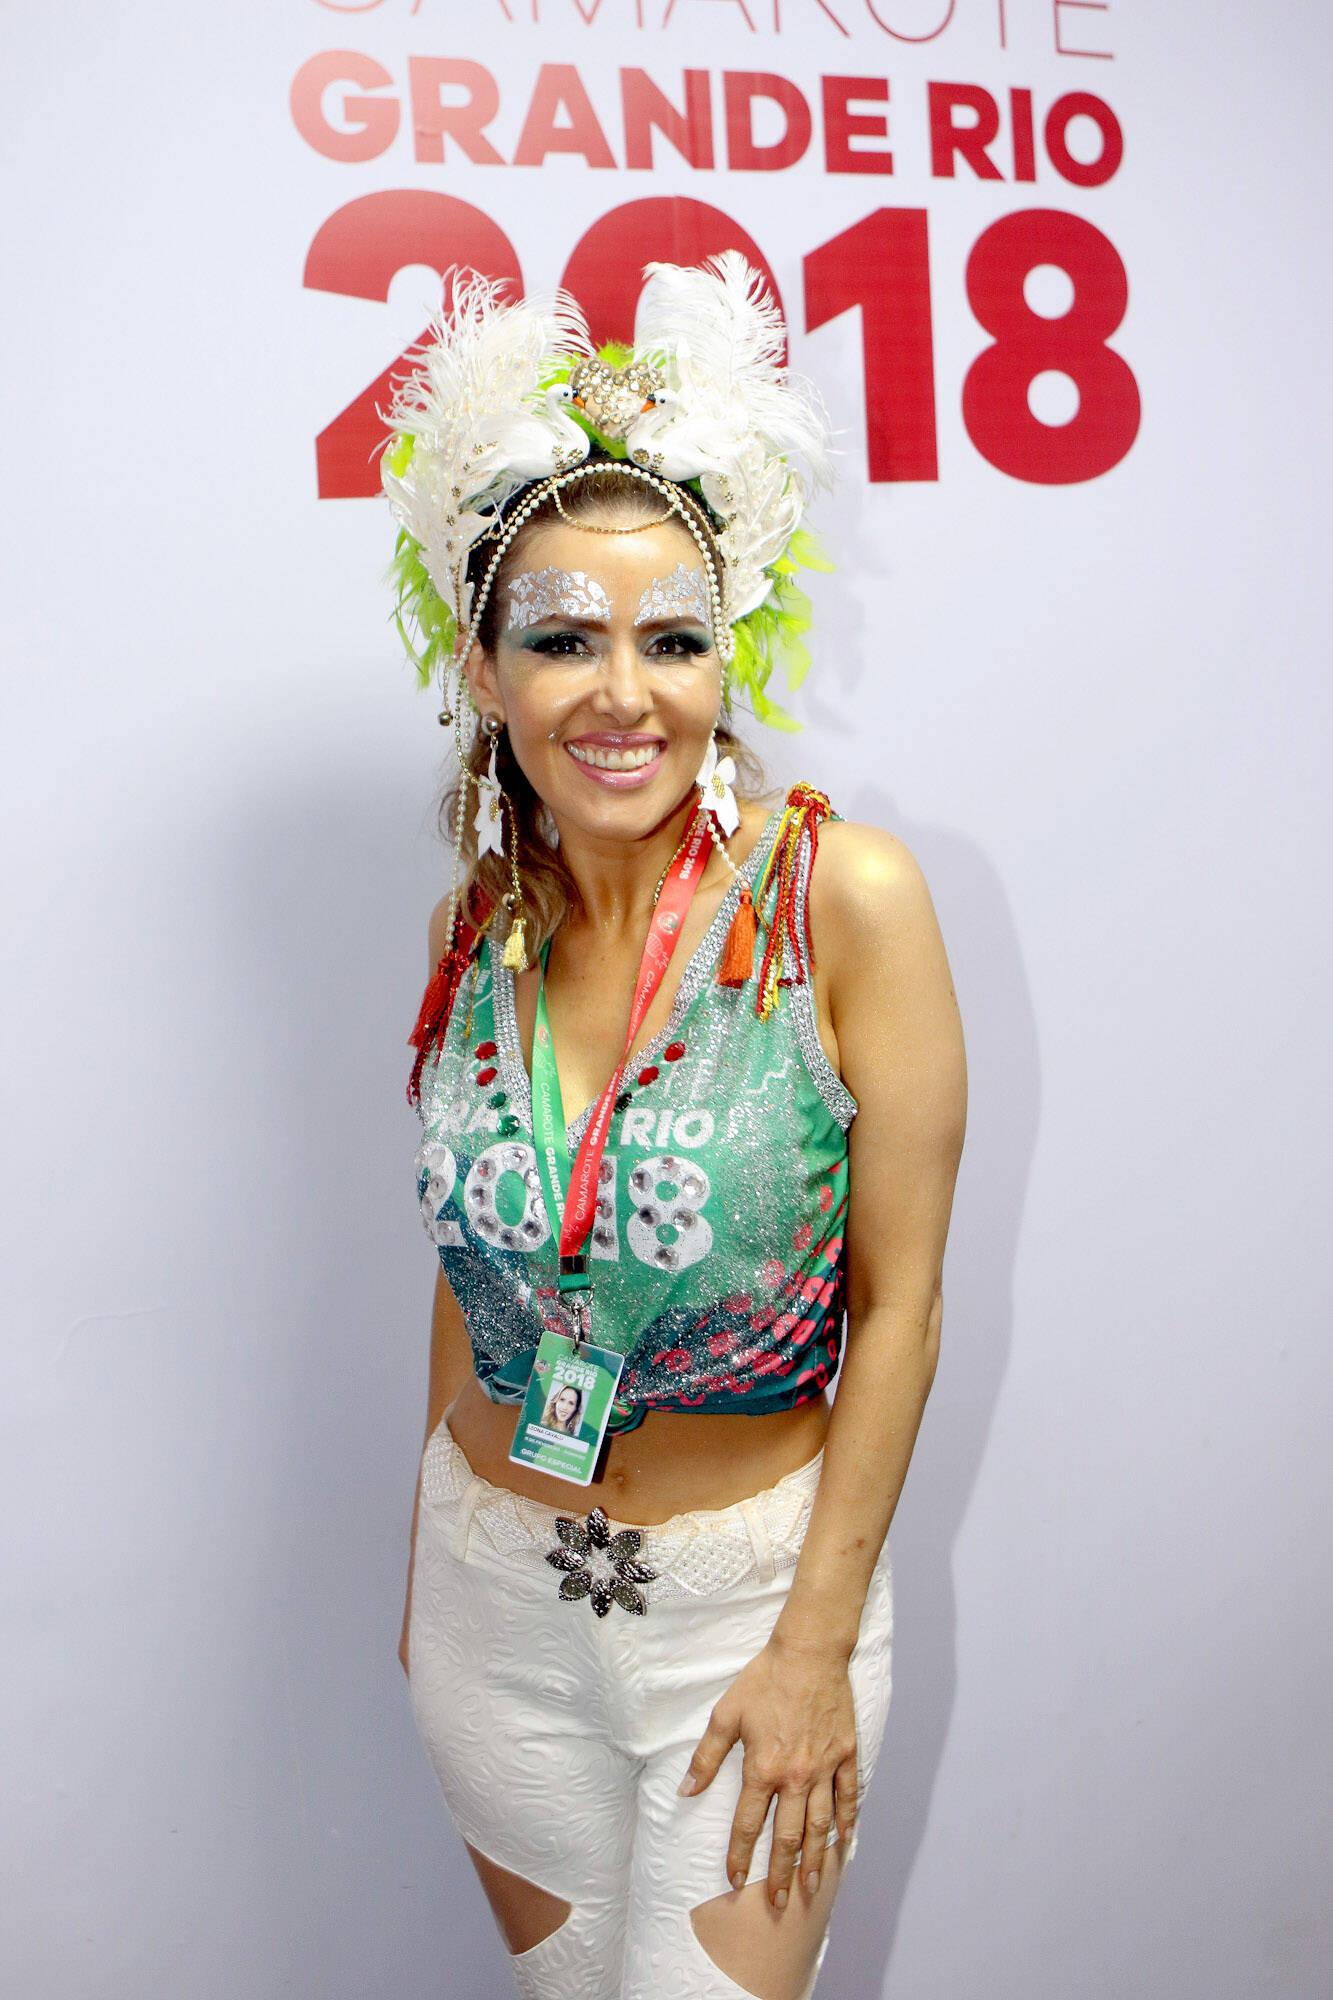 A atriz brasileira Leona Cavalli chegou para chamar atenção em look carnavelesco no último domingo (11), também no Camarote Grande Rio. Foto: ENY MIRANDA/DIVULGAÇÃO